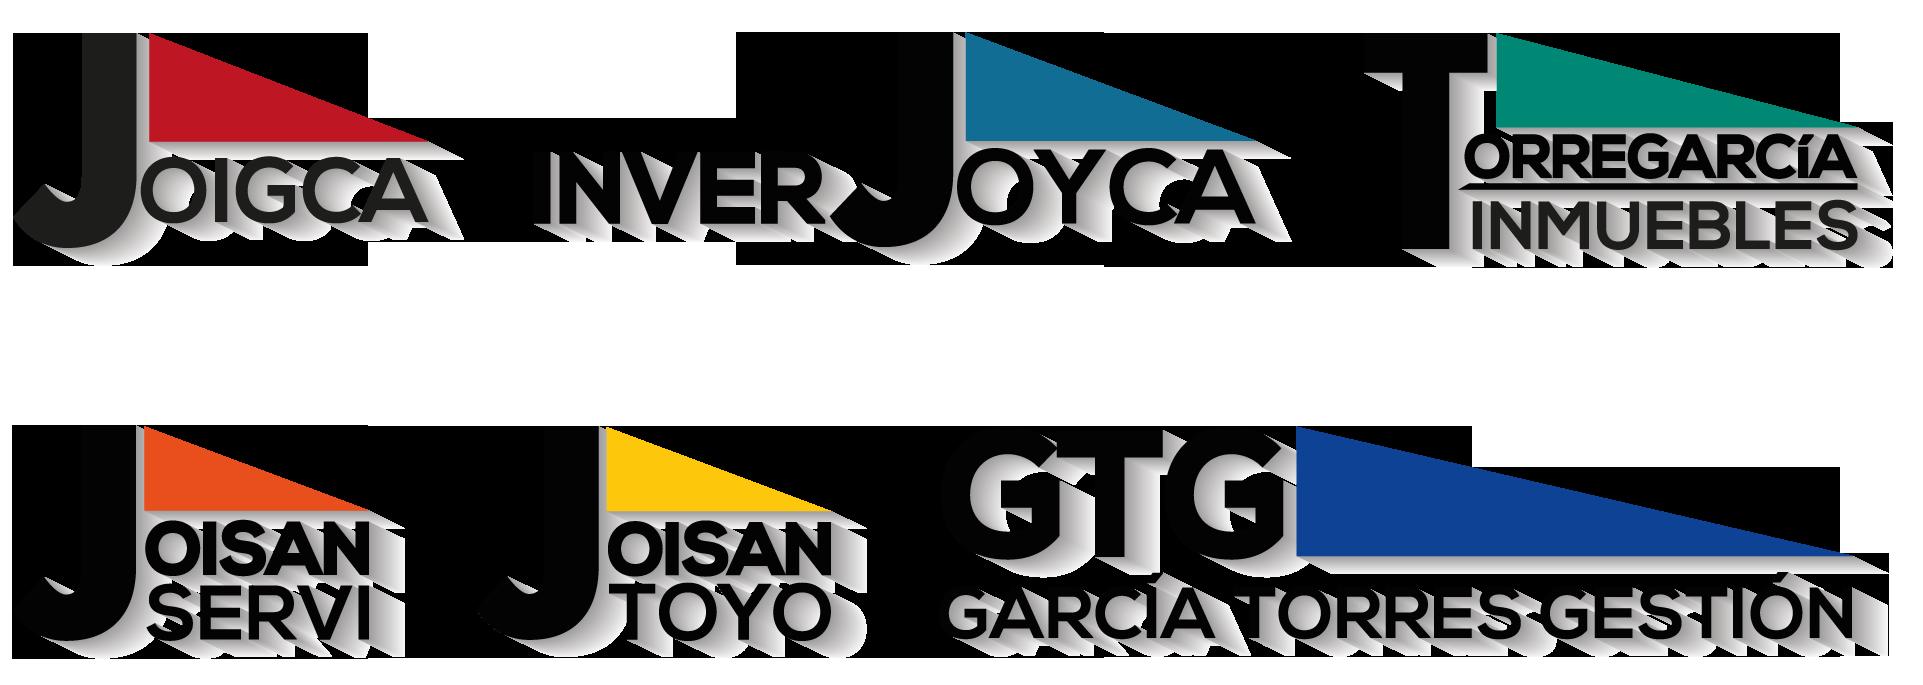 Slider 07 logos empresas tu piso en almer a joigca for Logos de garajes